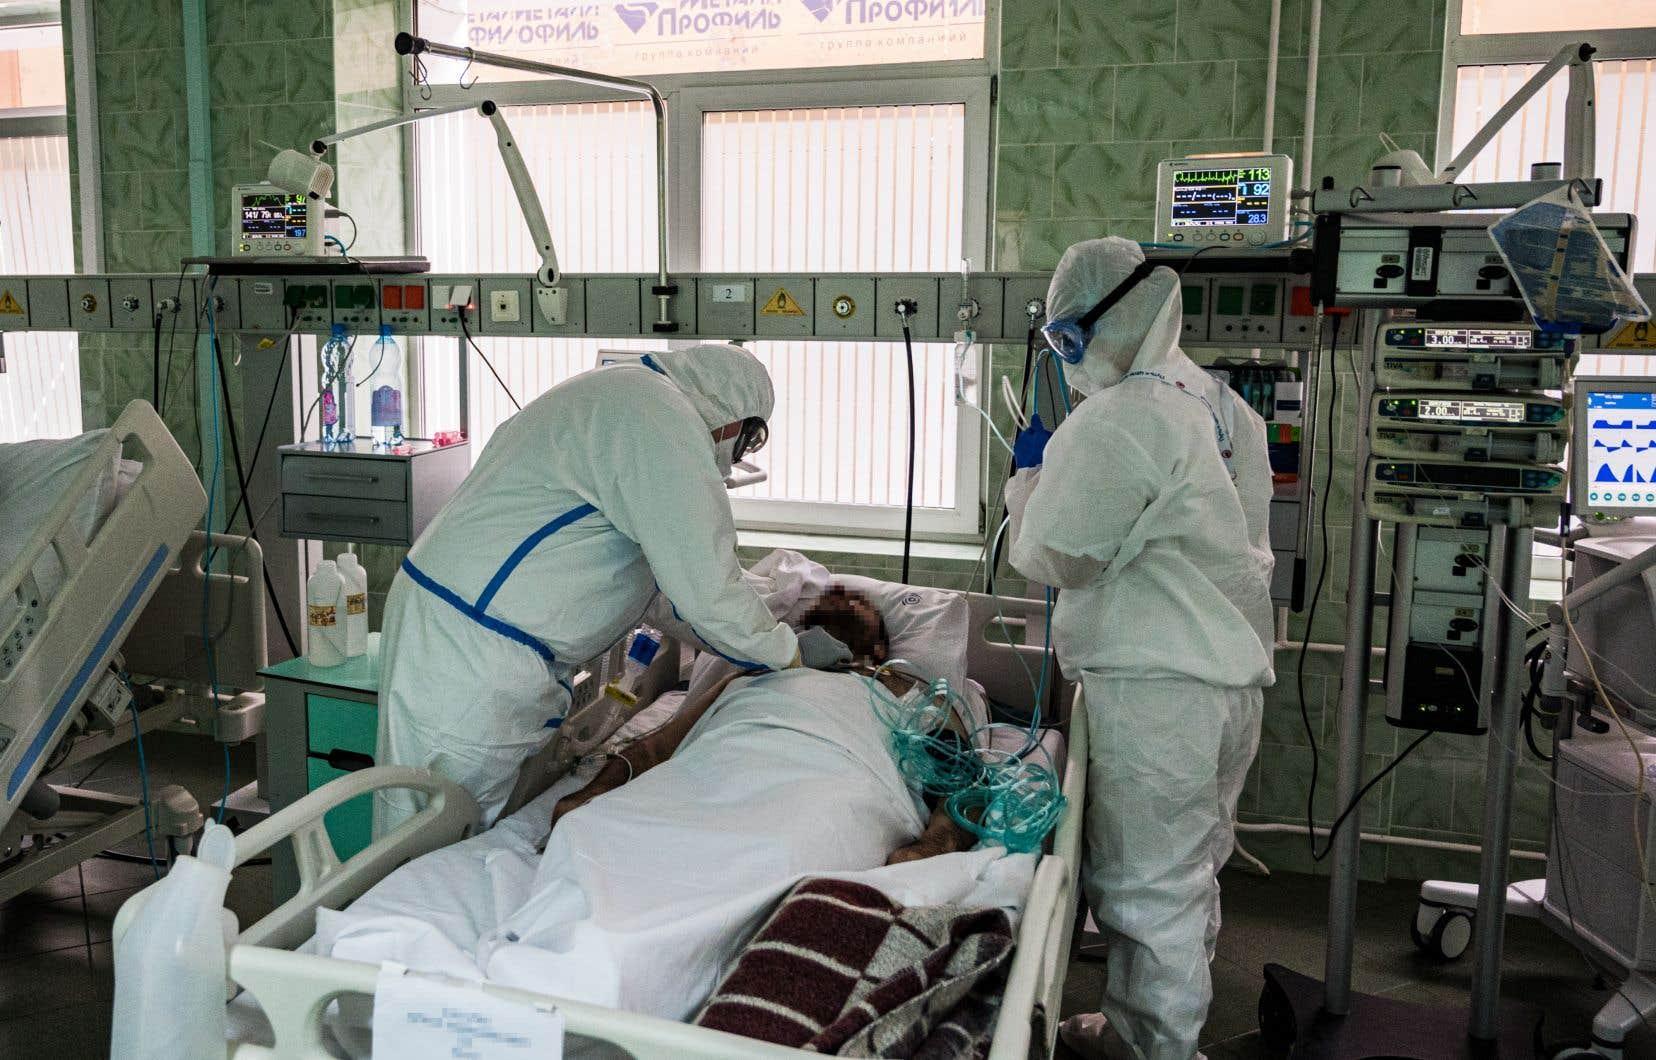 <p>La Russie ne recense dans le bilan officiel des morts de la COVID-19 que les décès dont la cause première est le coronavirus, après autopsie.</p>